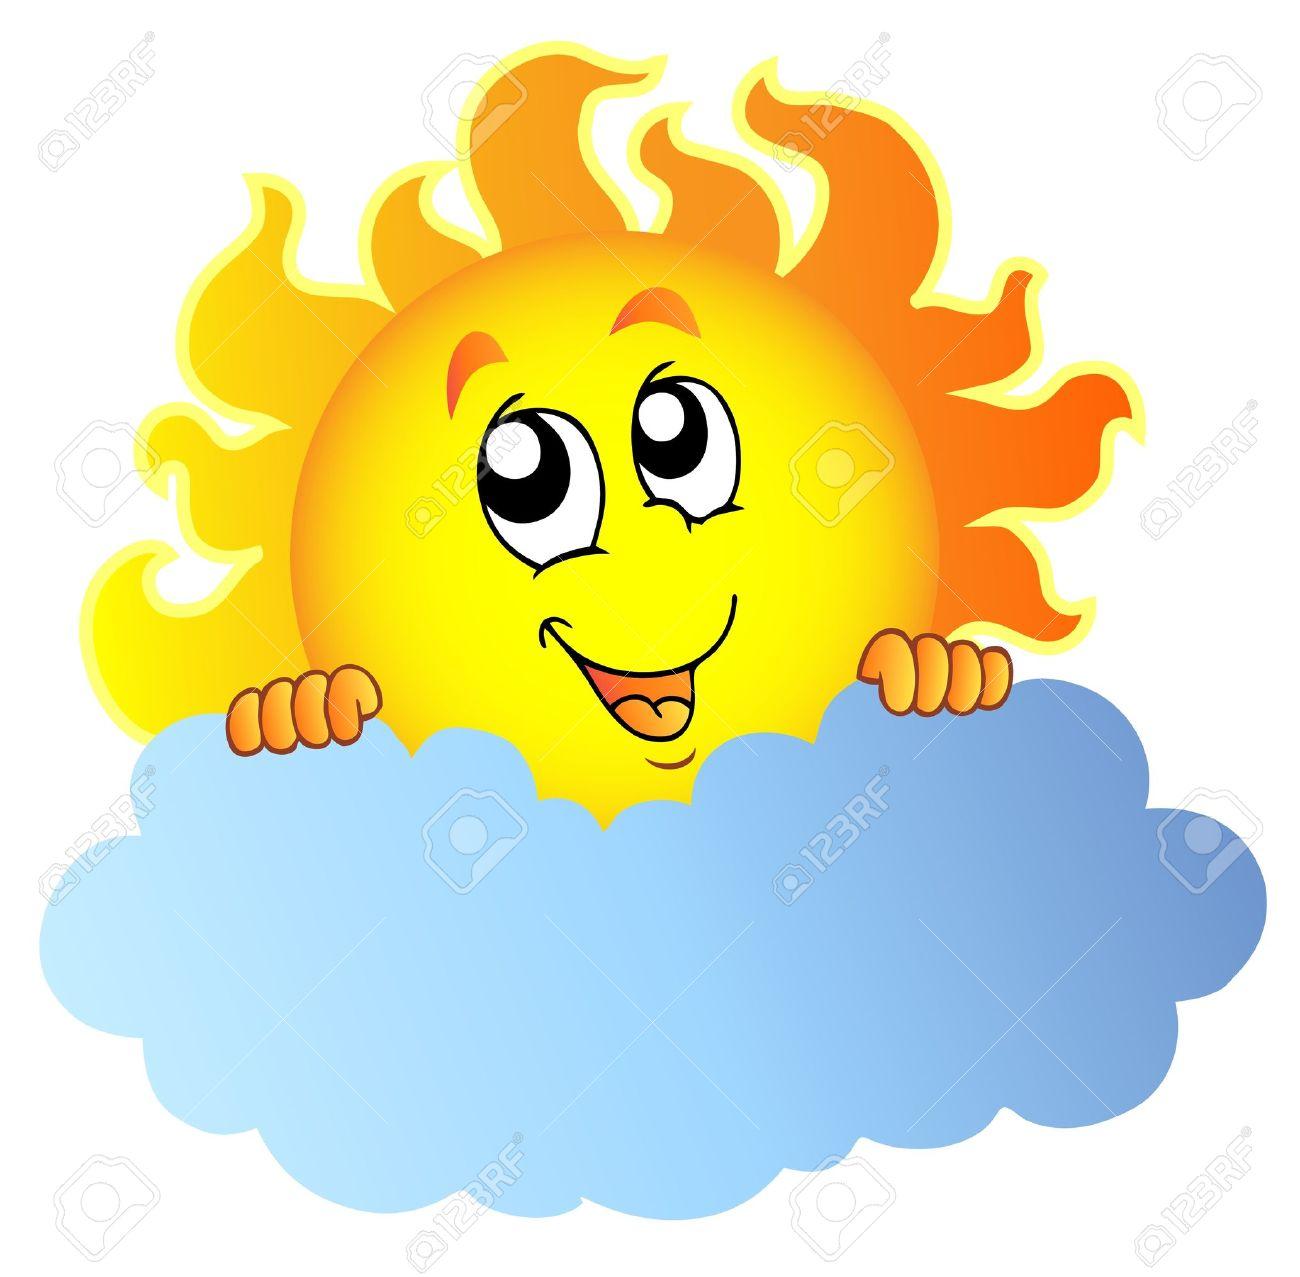 Dibujos Animados de Sol y Nubes Sol y Nubes Dibujo Dibujos